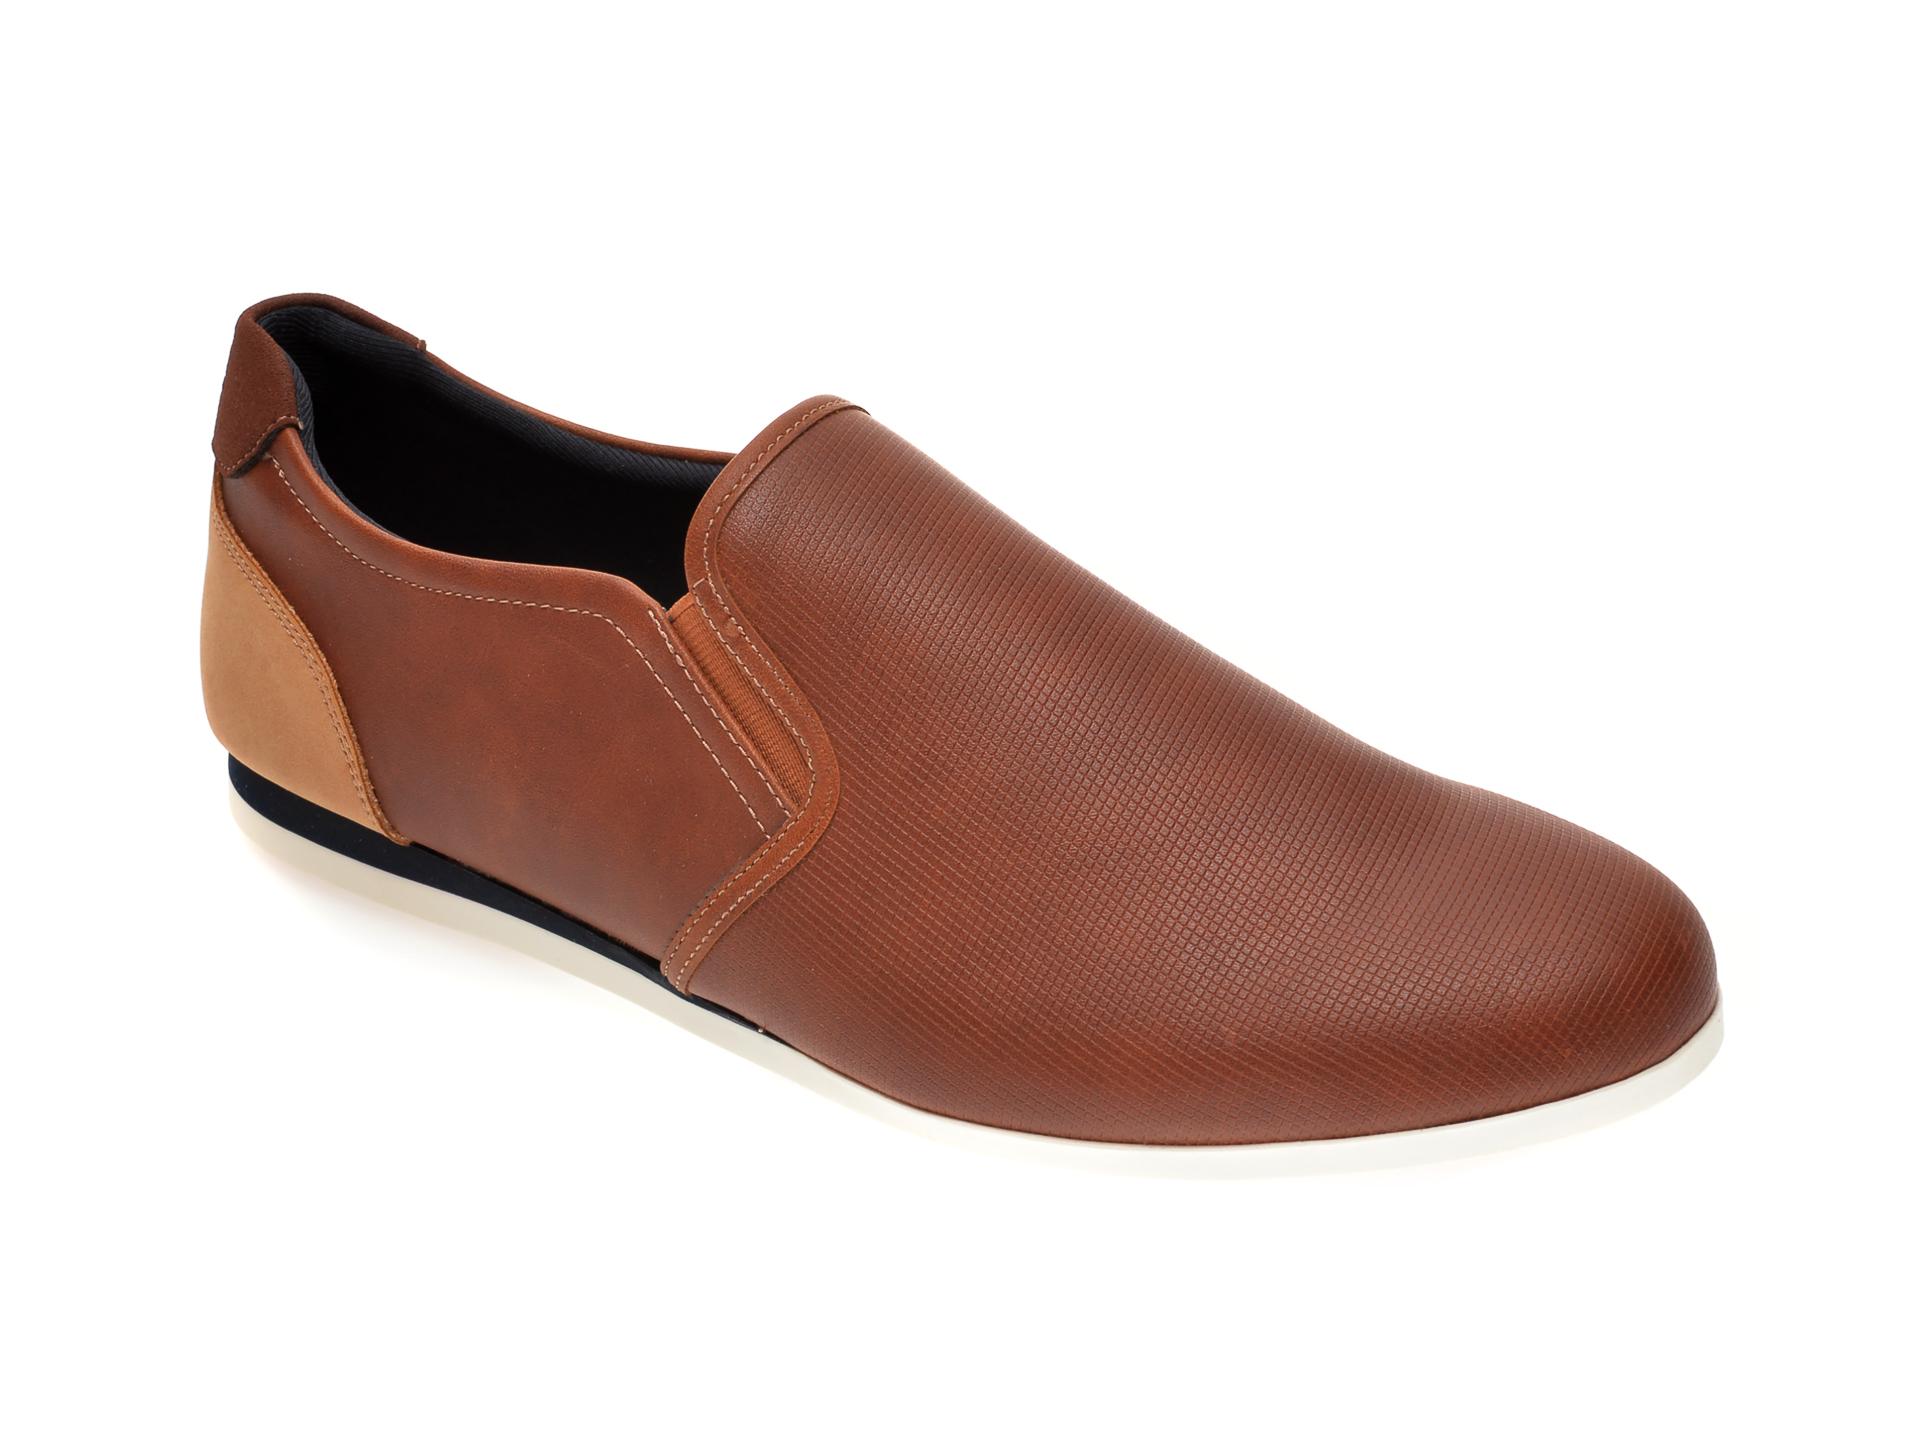 Pantofi ALDO maro, Keliniel230, din piele ecologica imagine